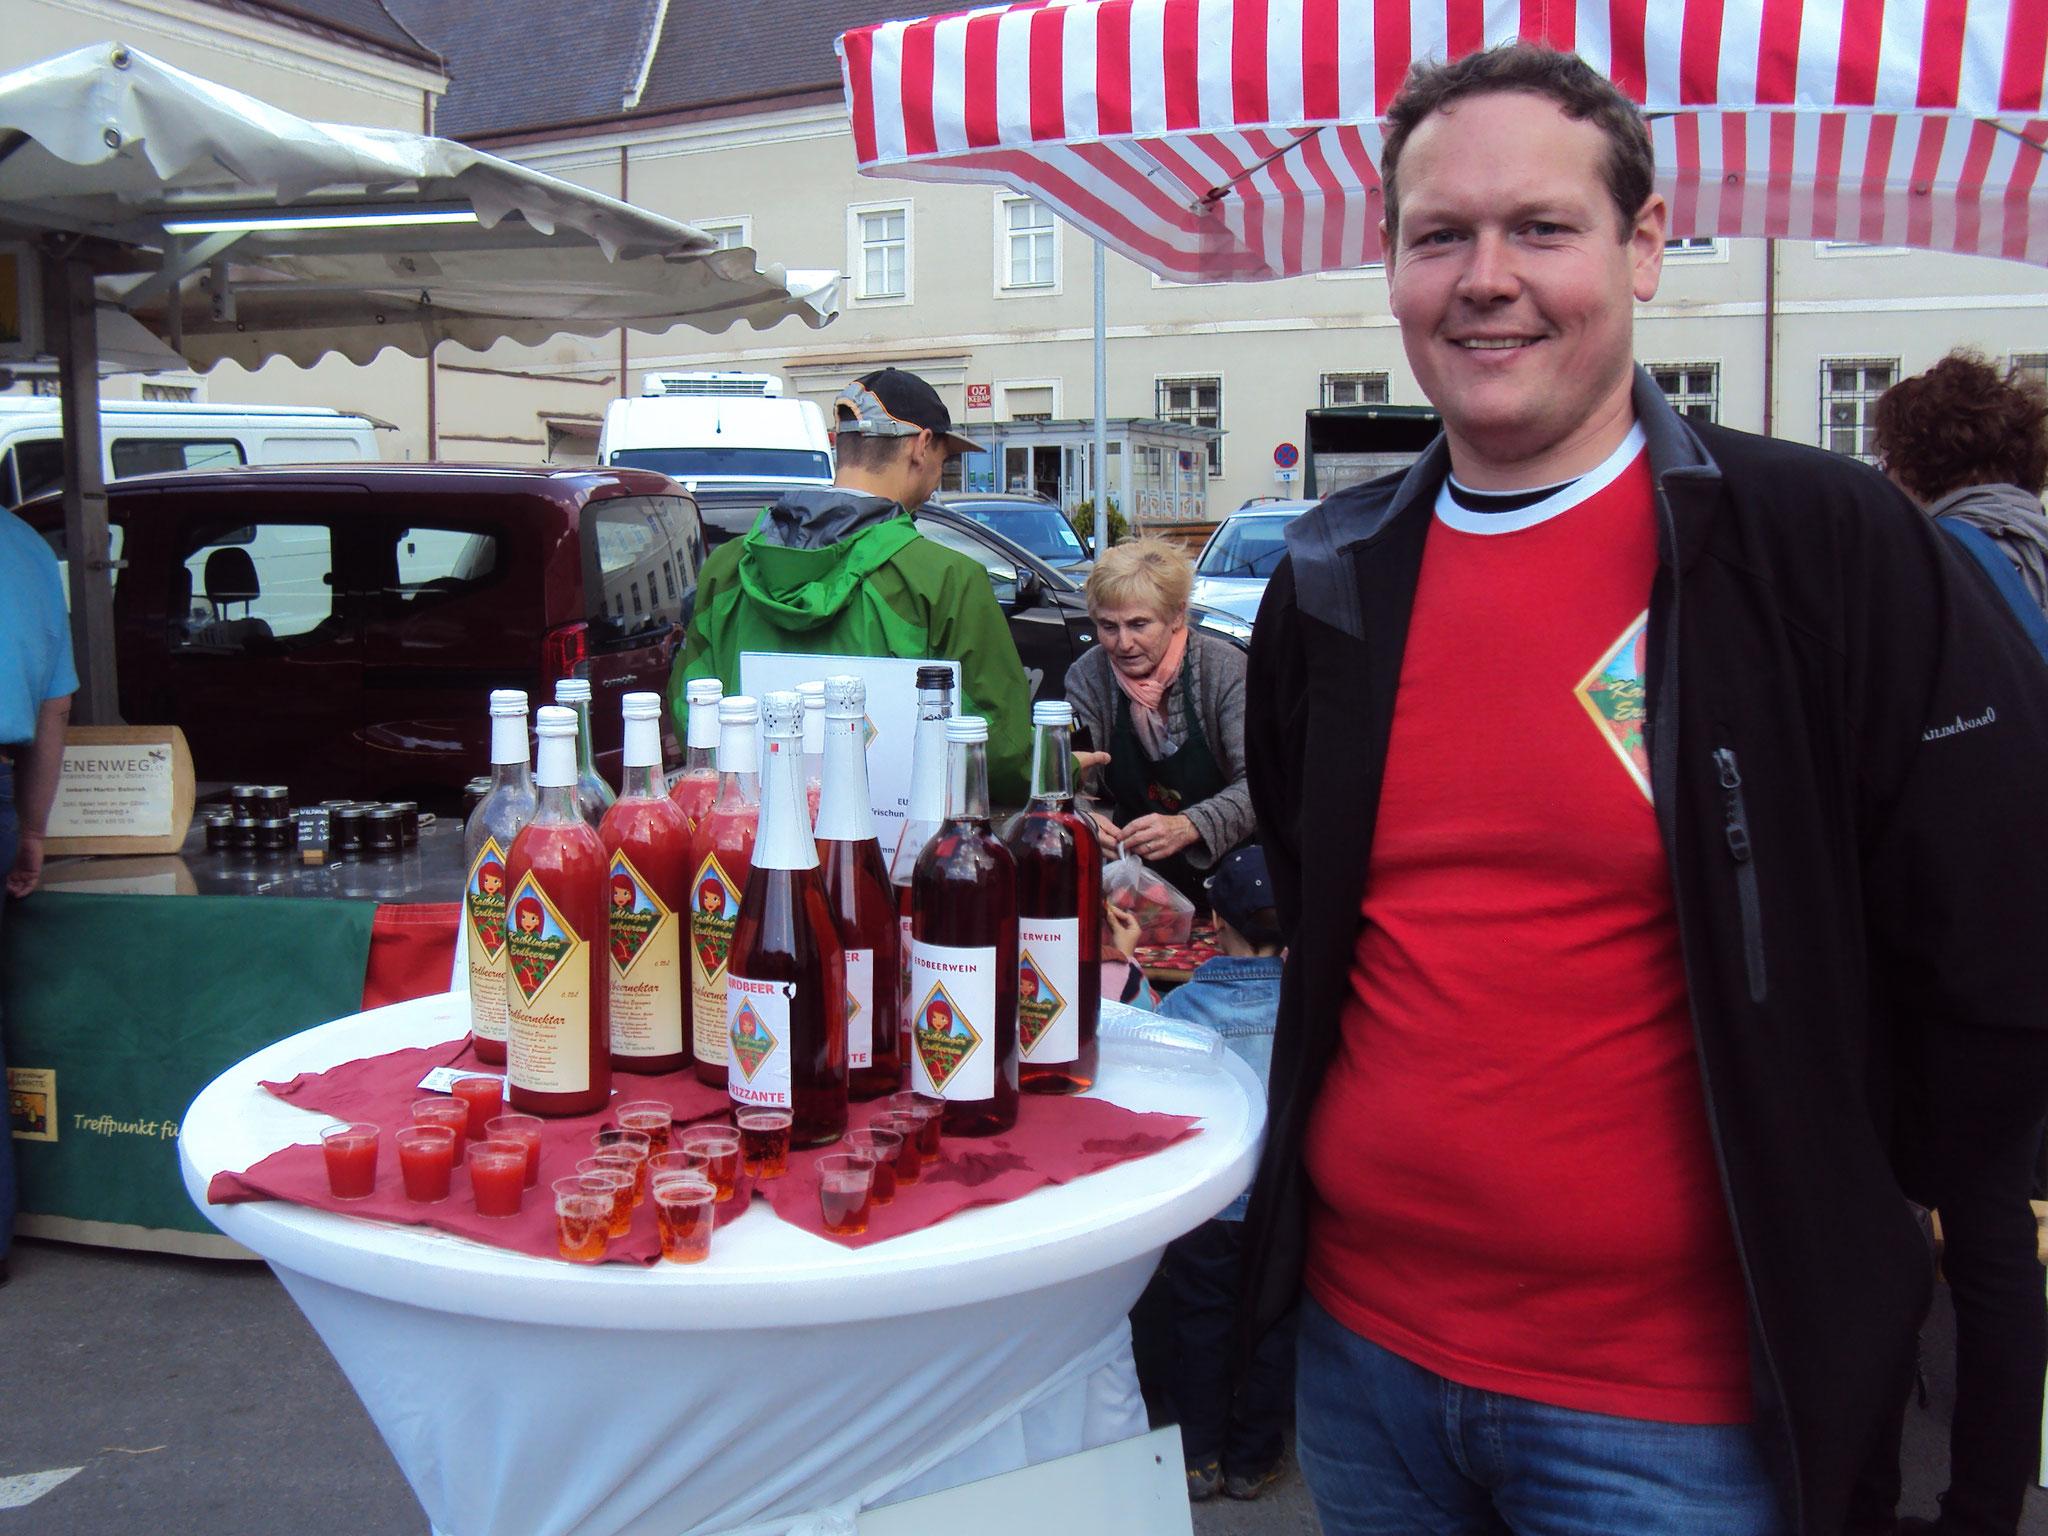 Markttag in St. Pölten/Domplatz: Diesmal inkl. Verkostung unserer Erdbeergetränke